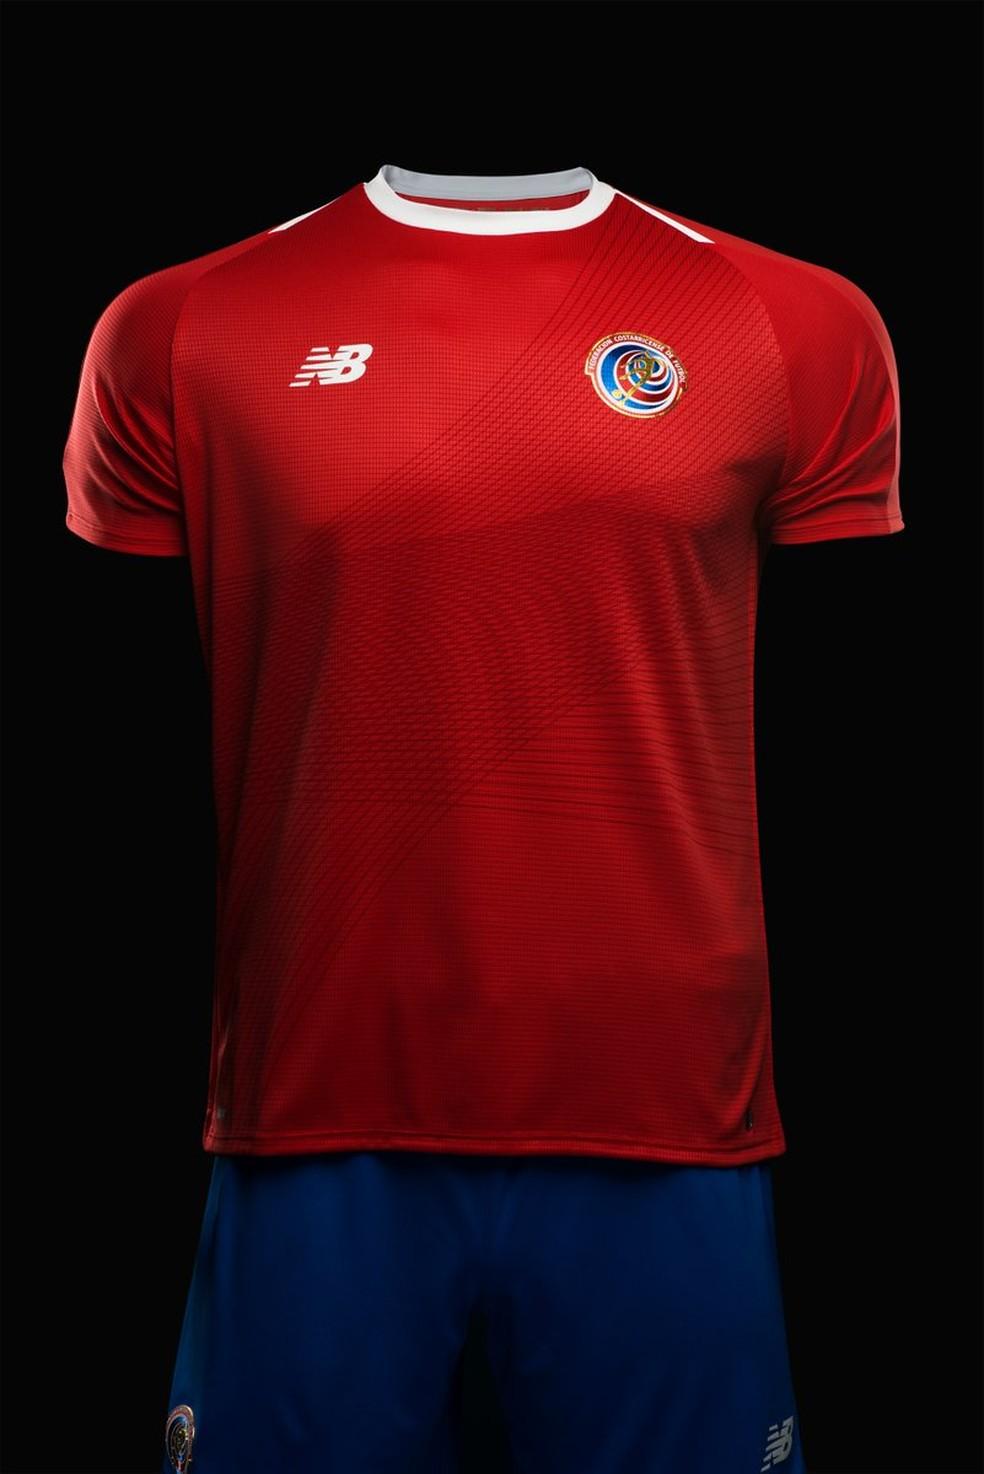 da77f9e6a Novo uniforme da Costa Rica para a Copa divide opiniões